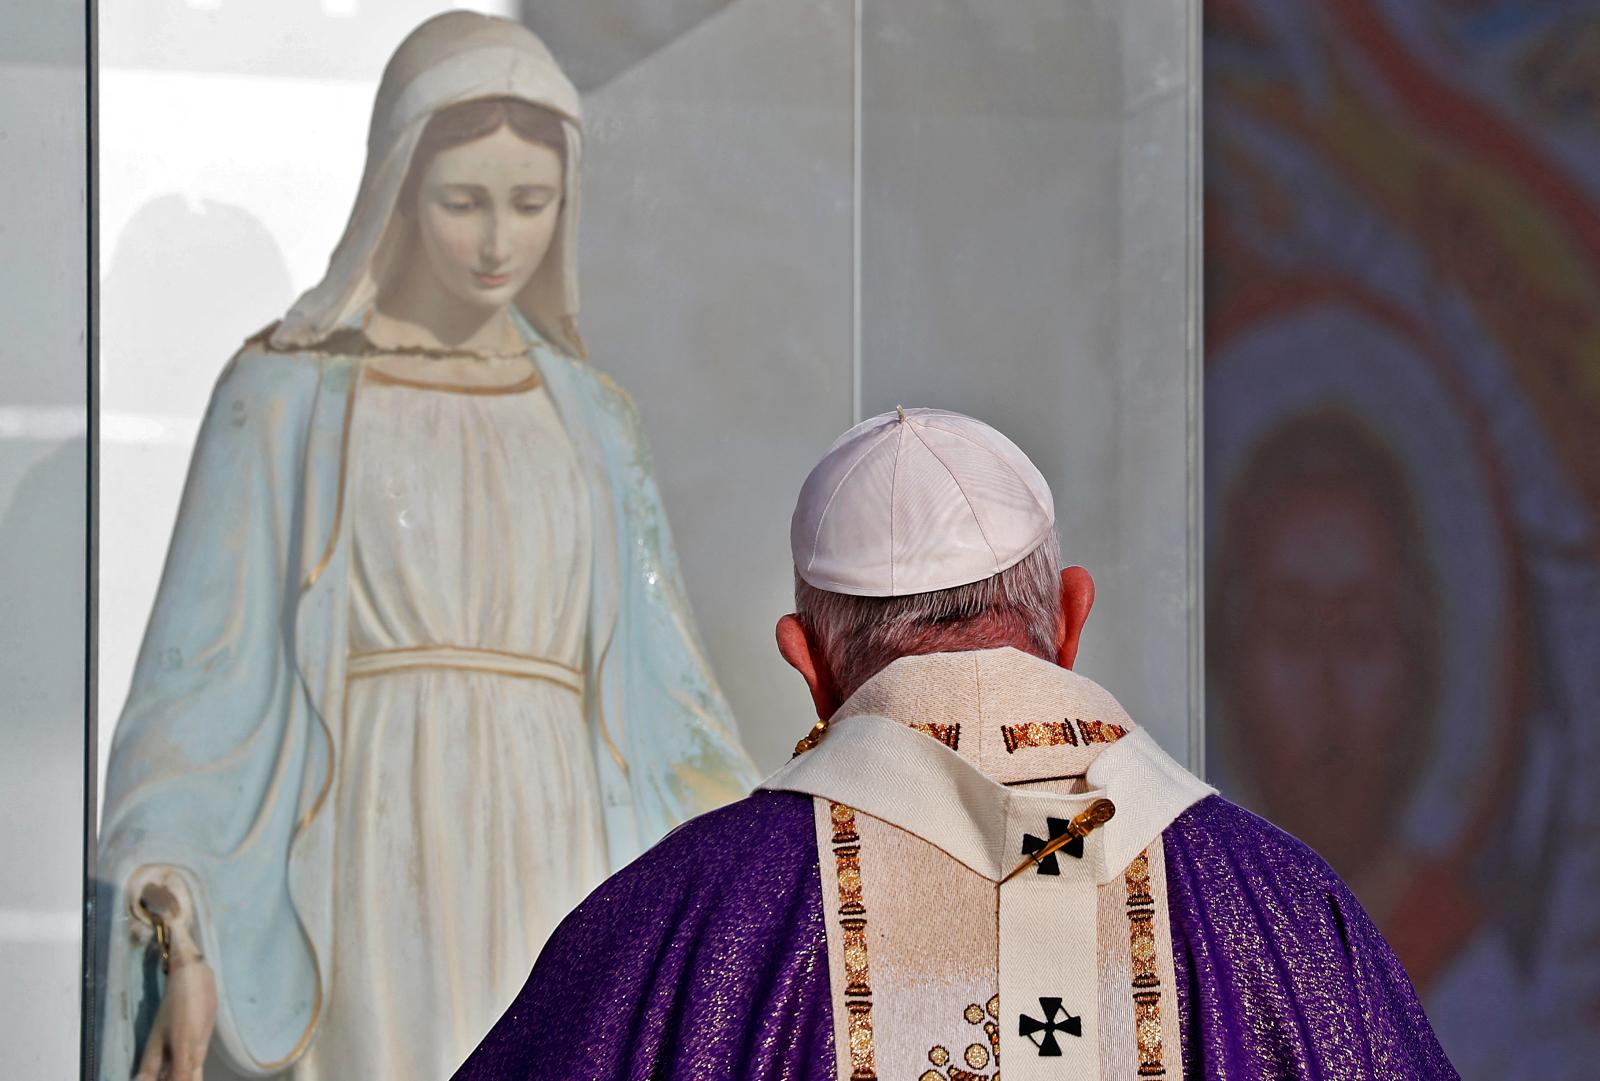 Frases inspiradoras do Papa Francisco sobre Maria